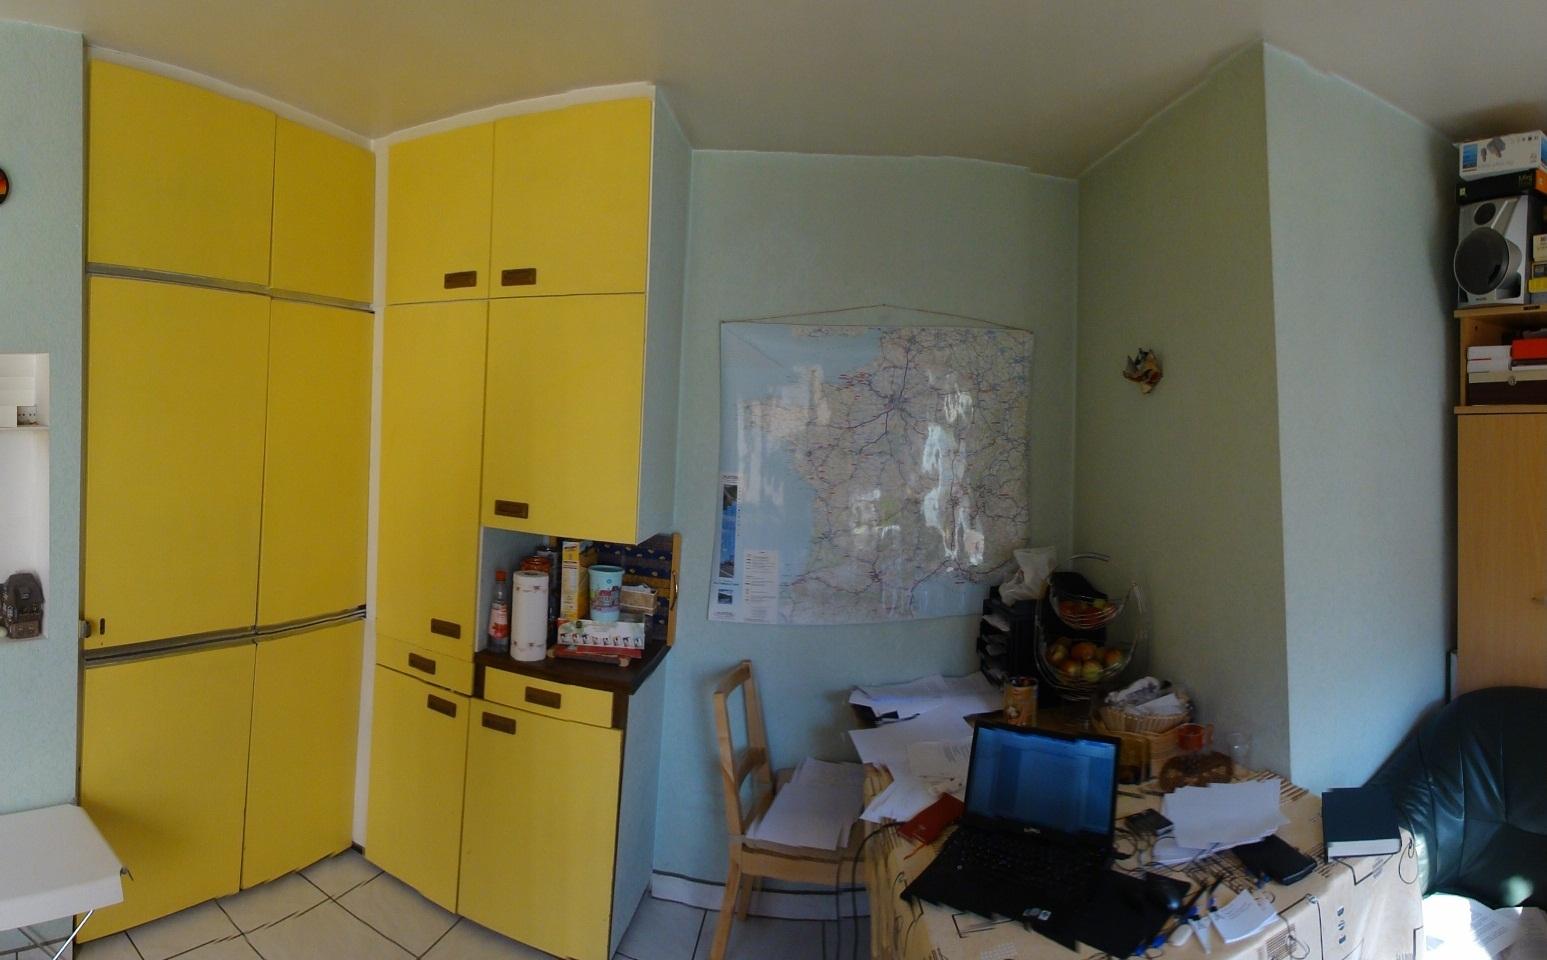 Cuisine Integree Dans Salon appart à 100m de la petite france + grand balcon: salon